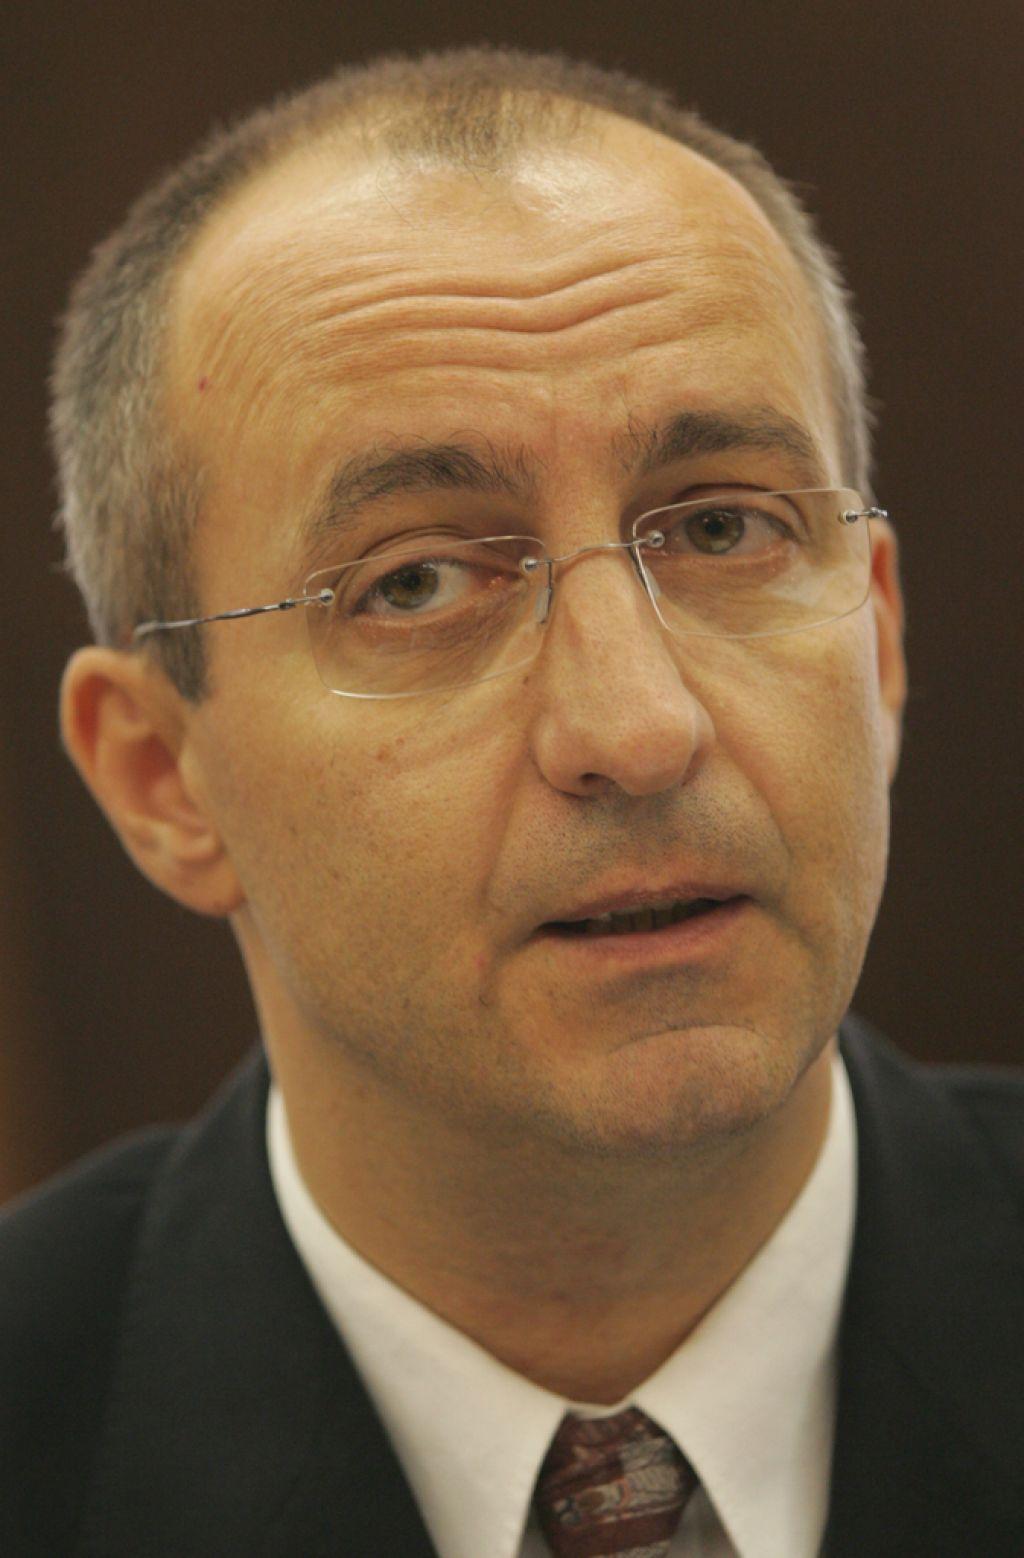 Ministrstvo mora nekdanjemu direktorju PU Novo mesto vrniti dodatek